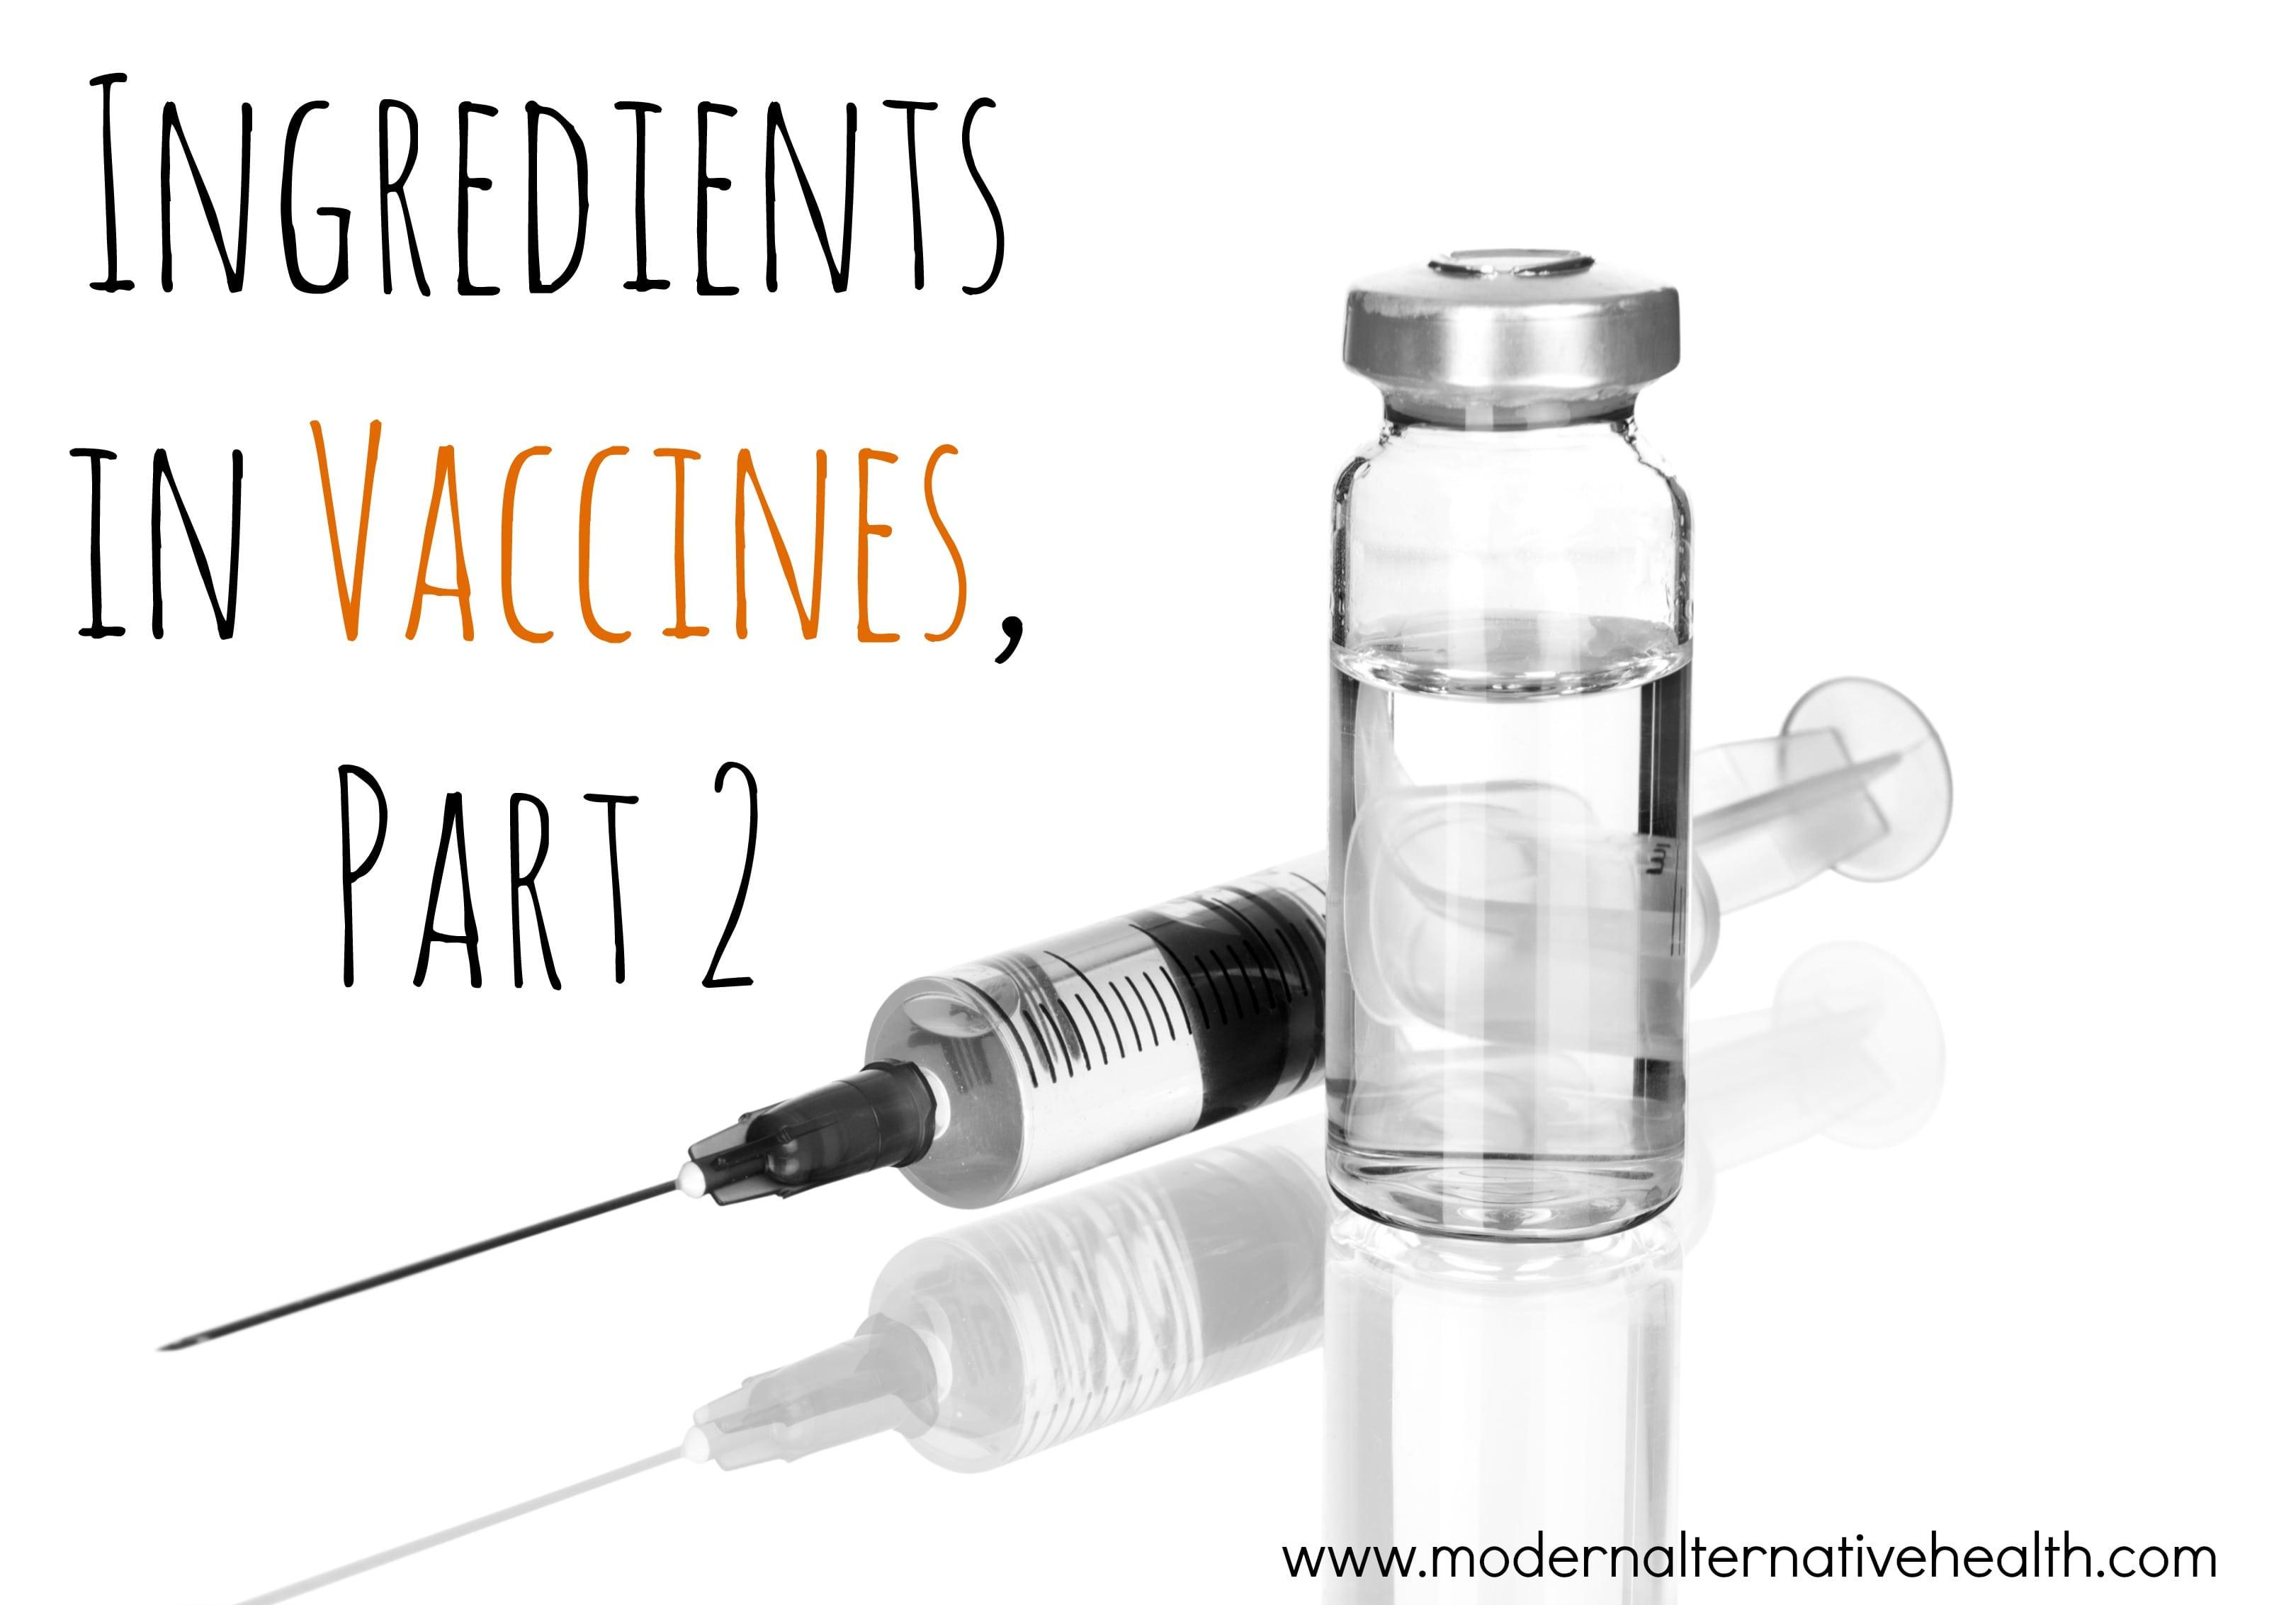 Ingredients in Vaccines, Part 2